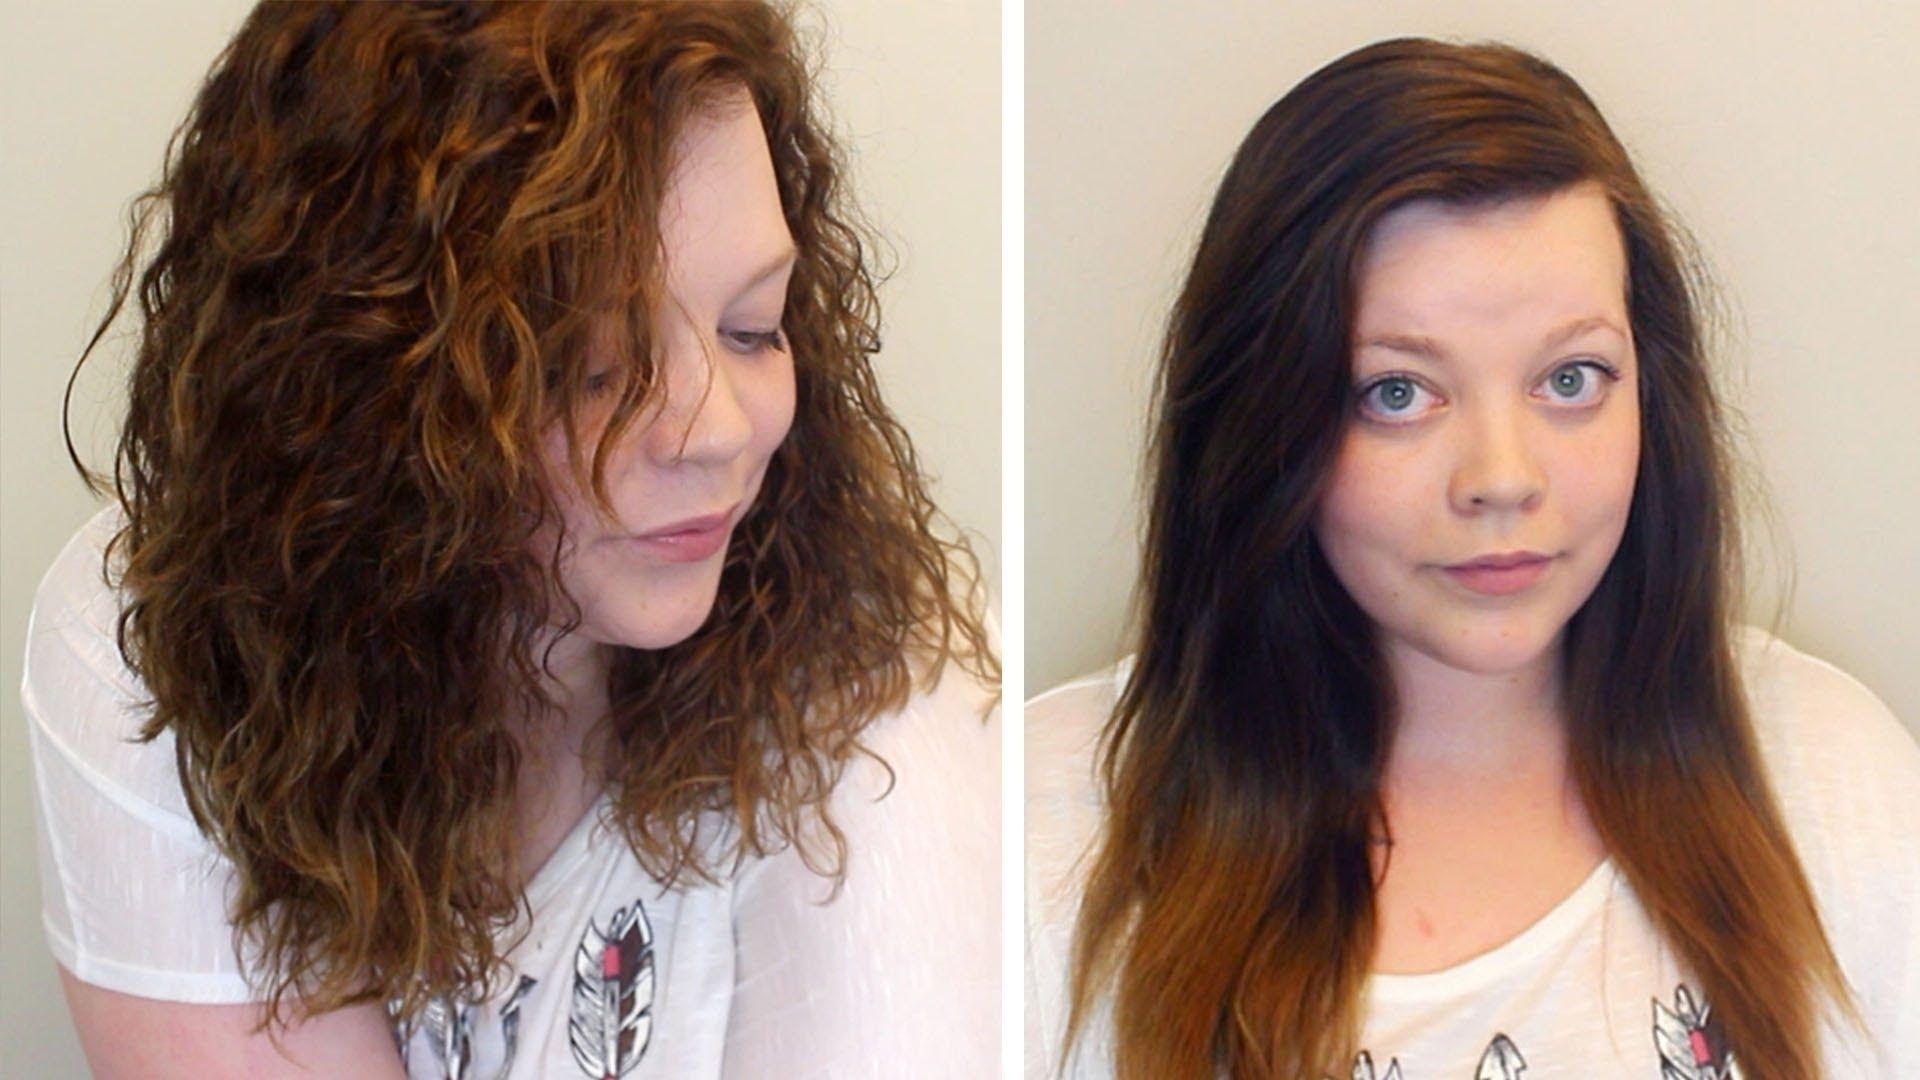 Spiral Perm Fine Short Hair Perm Before Amp After Youtube Stretchmarksafterbaby Dauerwelle Dauerwelle Vorher Nachher Moderne Dauerwelle